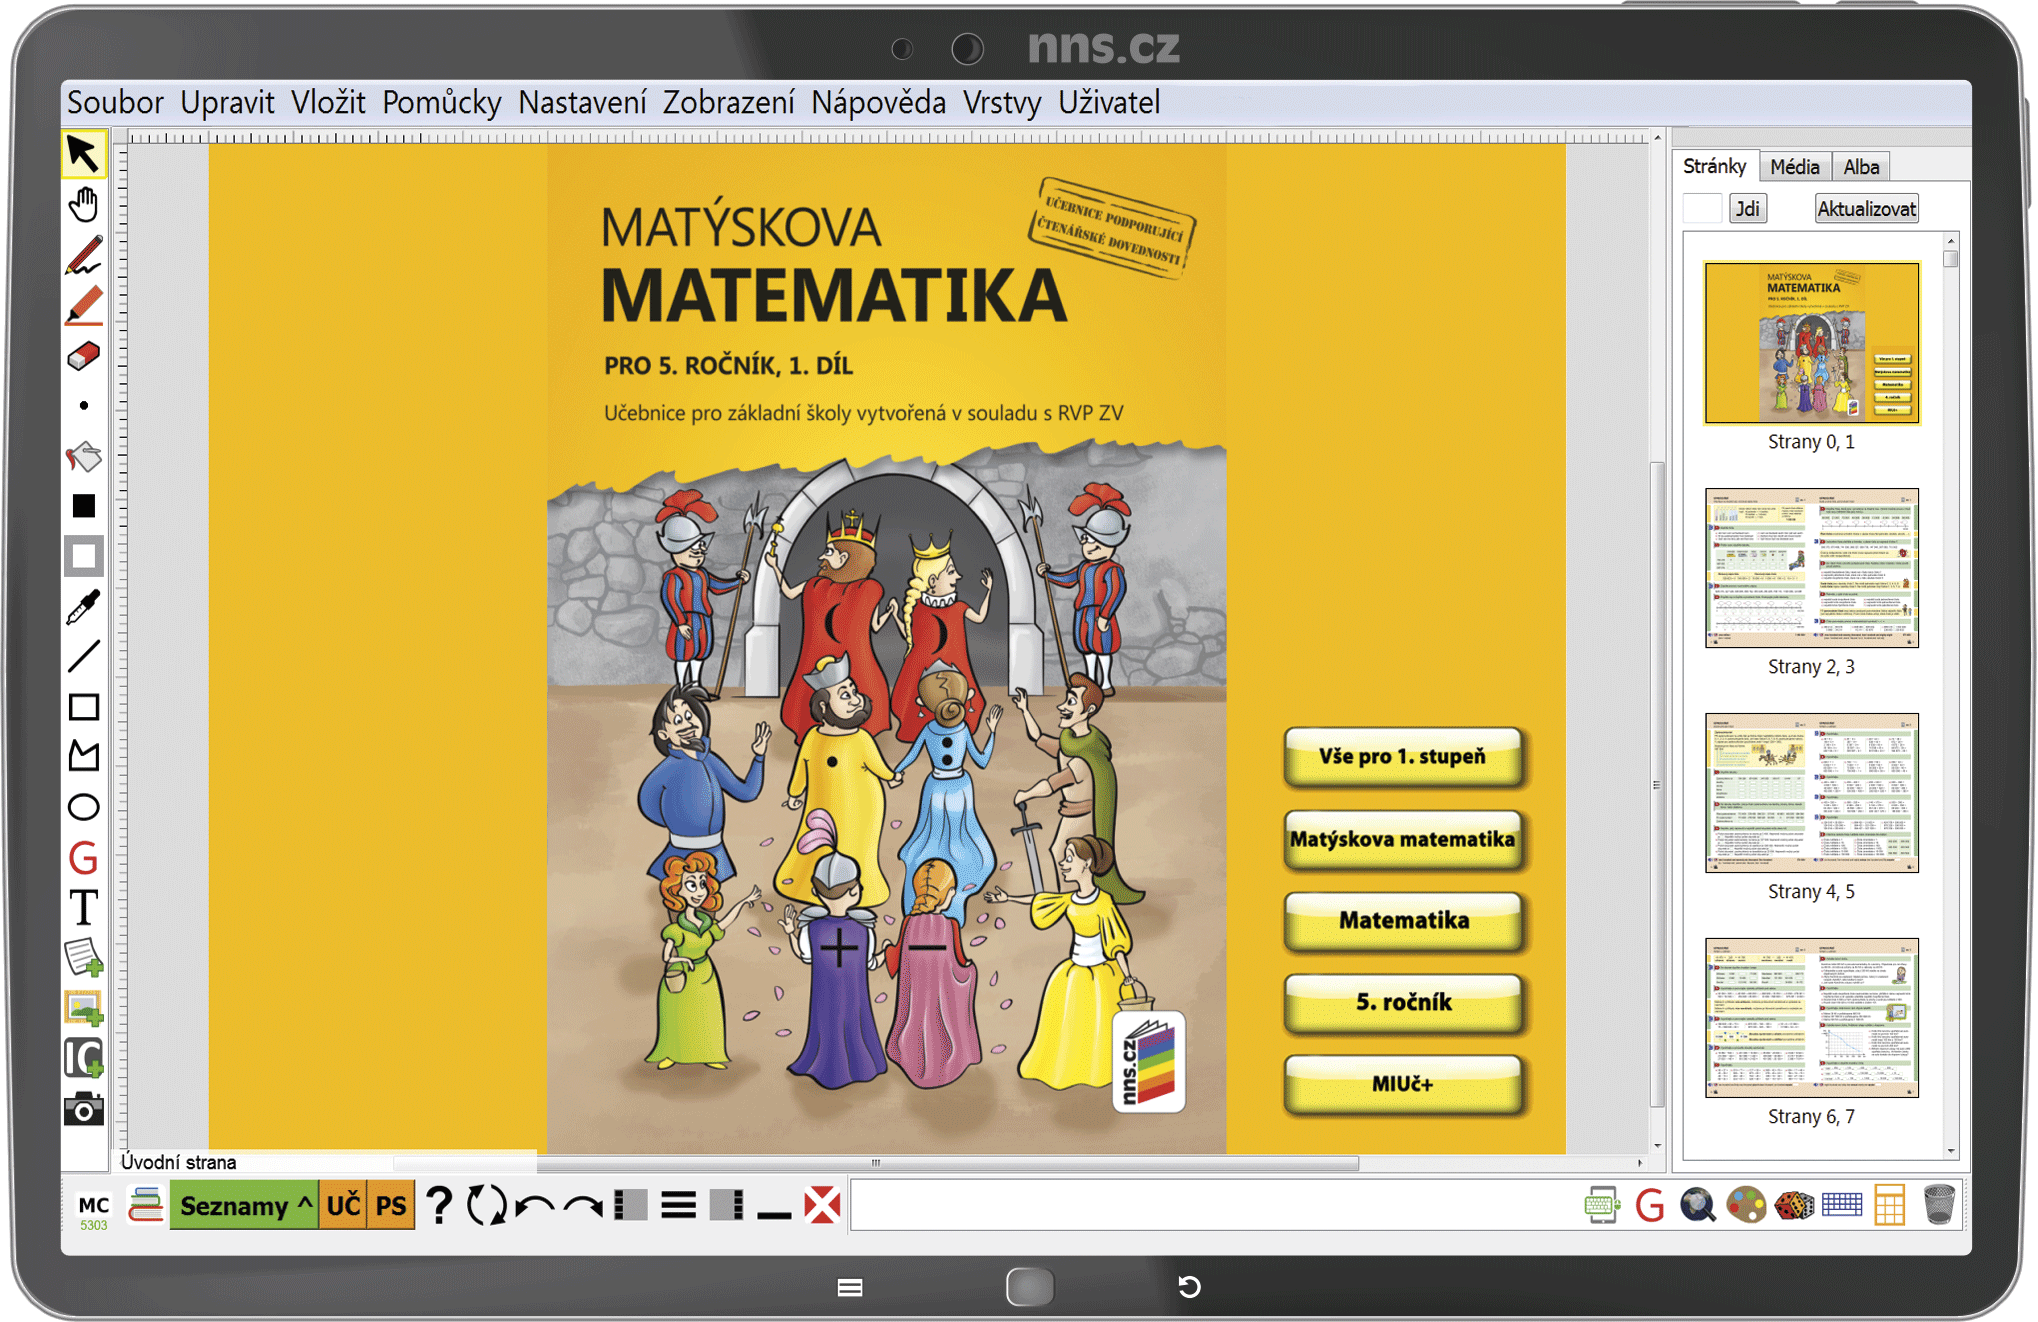 MIUč+ Matýskova matematika 5 (1. díl, 2. díl a geometrie) - žák. licence na 1 šk. rok